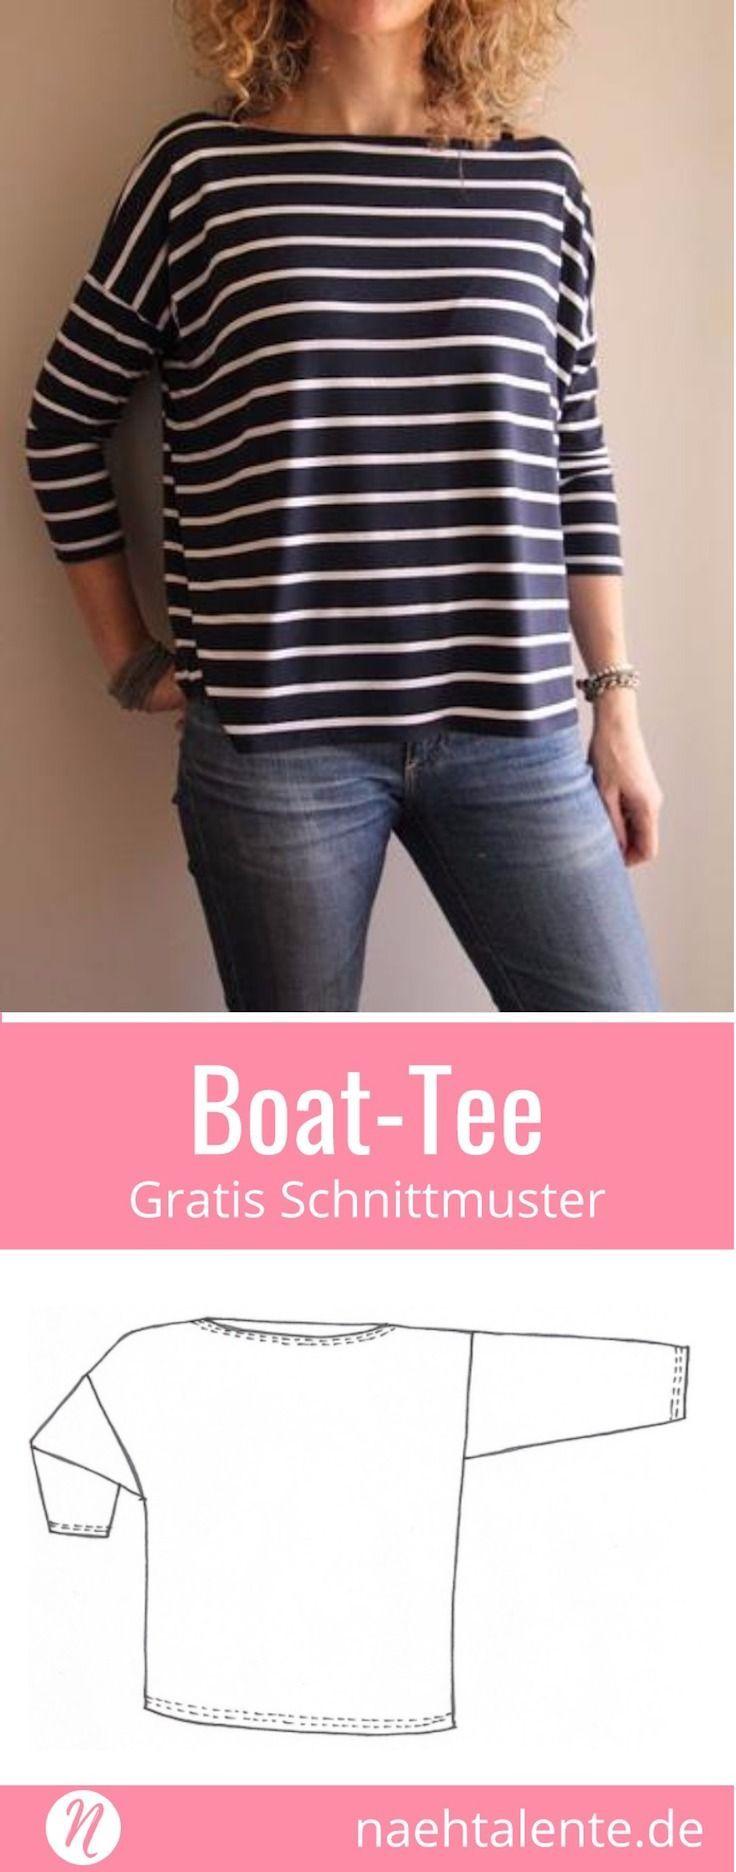 Gratis Schnittmuster Oversize-Shirt mit U-Boot-Ausschnitt. PDF-Schnitt zum Ausdr...